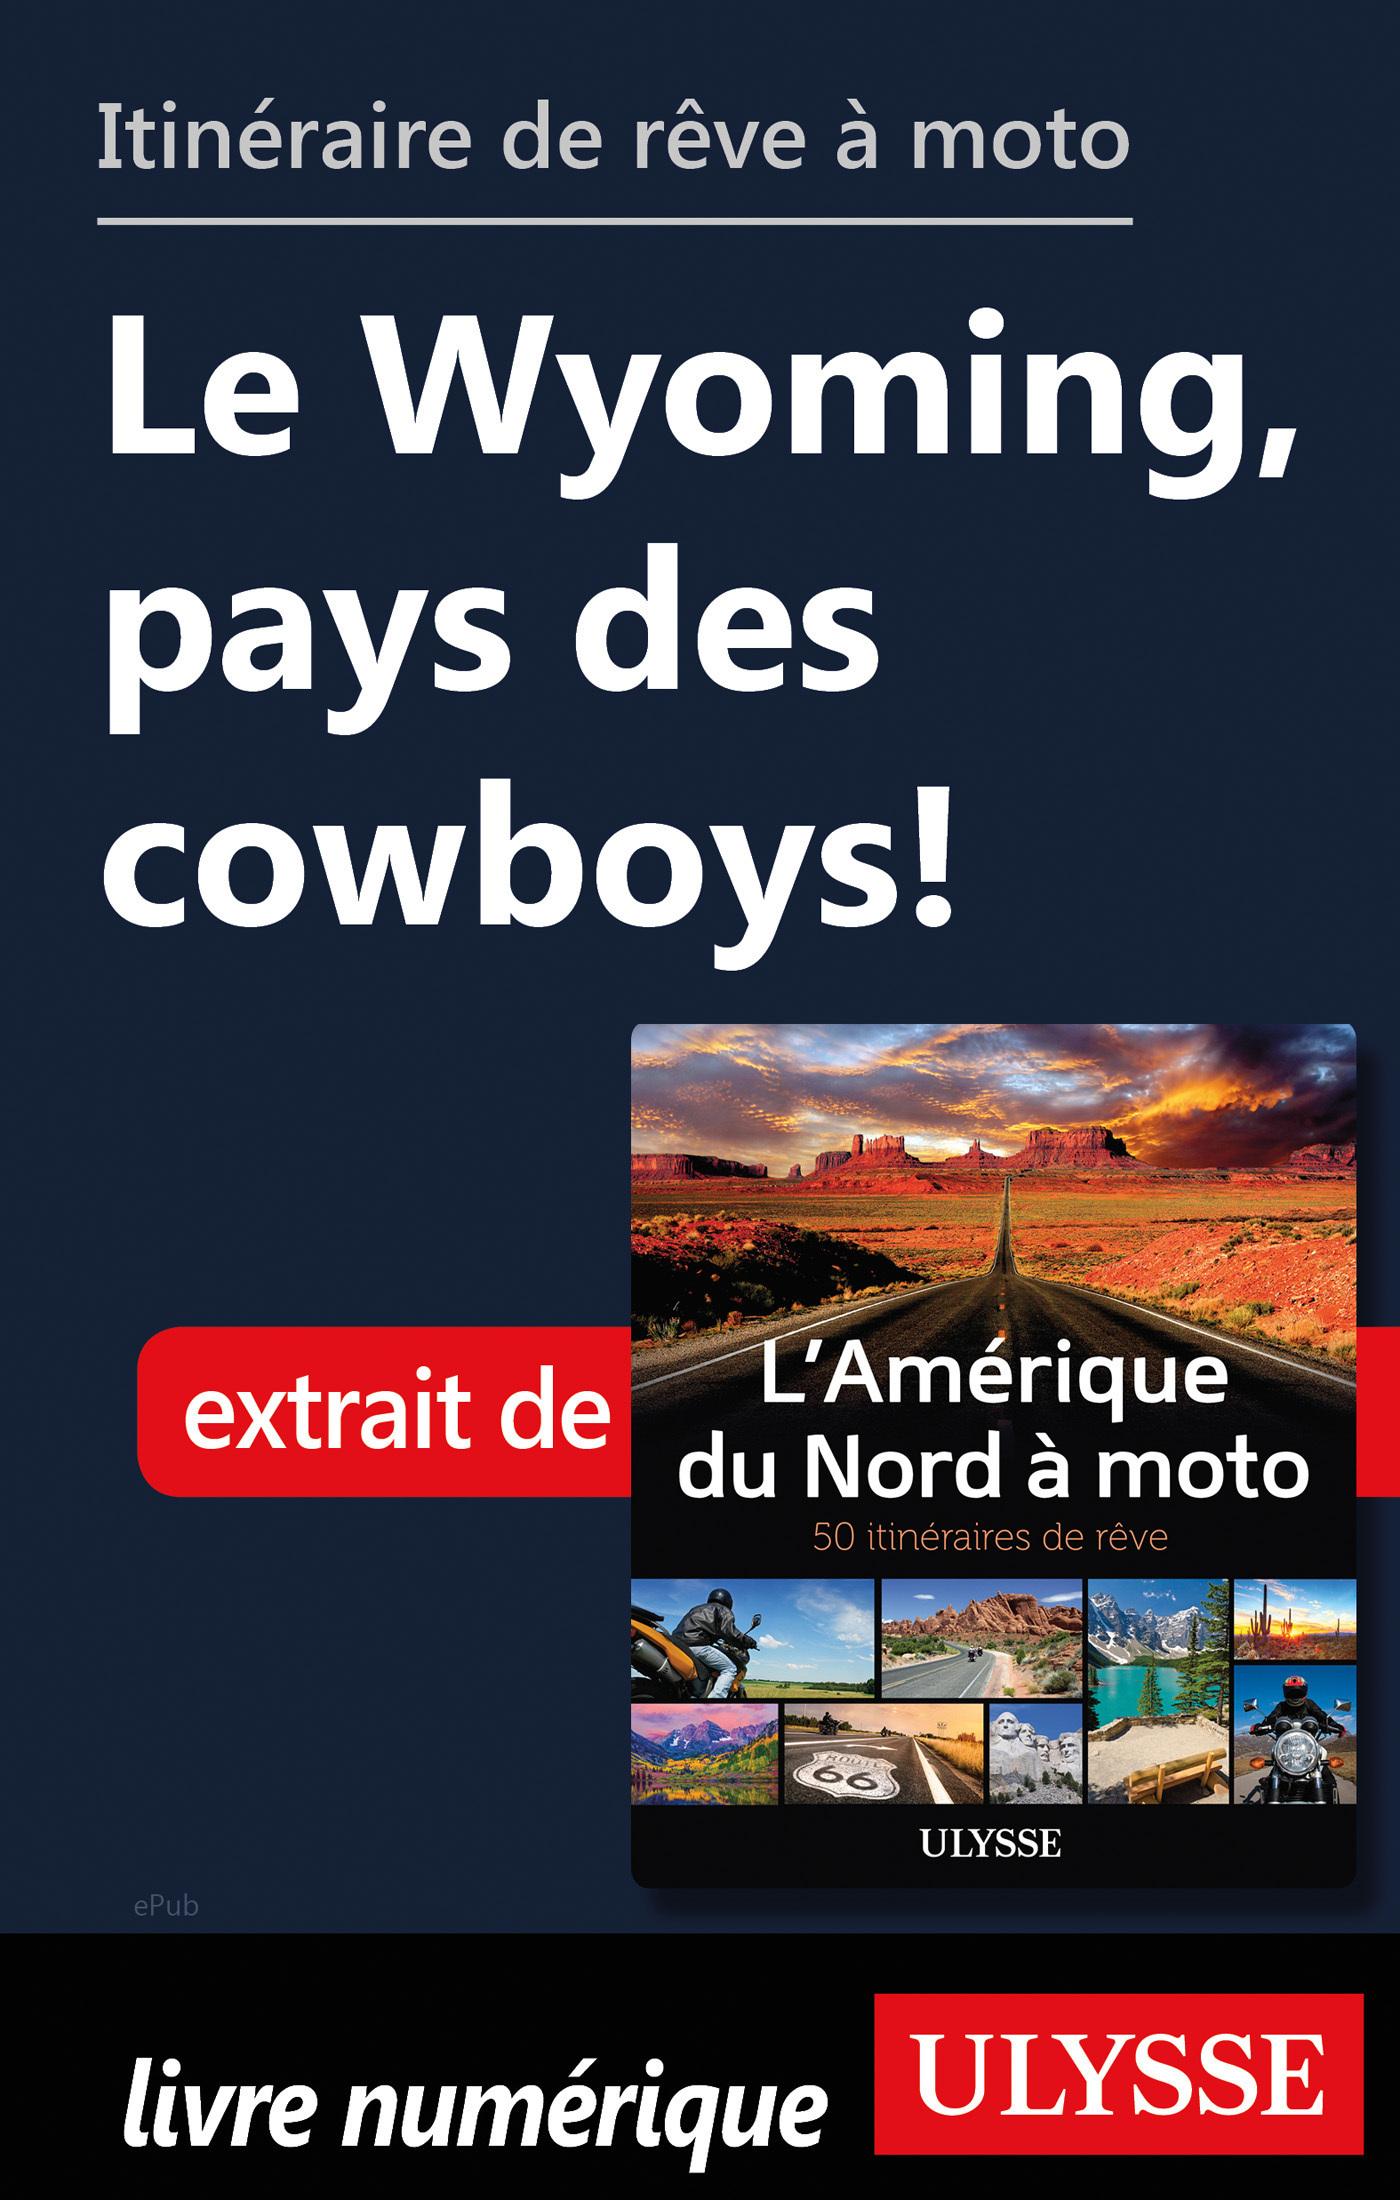 Itinéraire de rêve à moto - Le Wyoming, pays des cowboys !